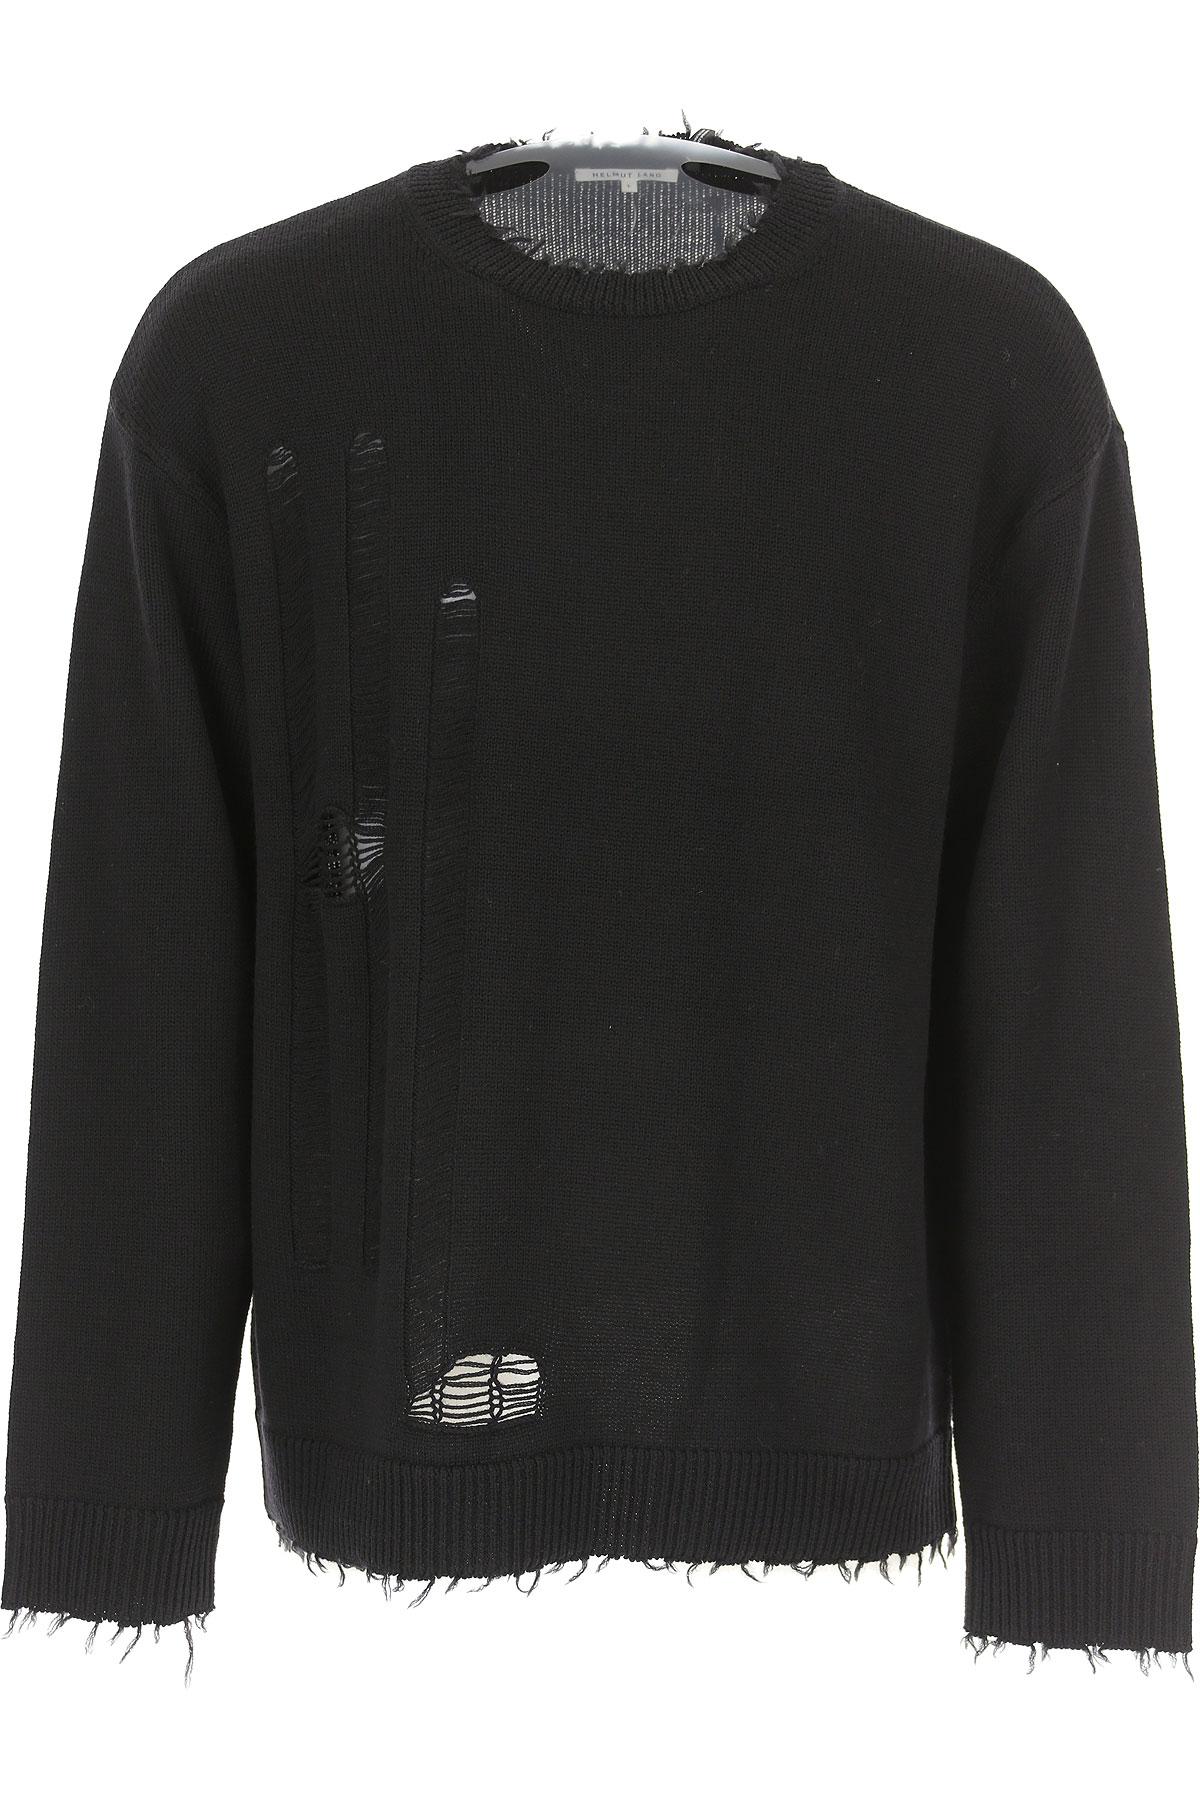 Image of Helmut Lang Sweater for Men Jumper, Black, Wool, 2017, M S